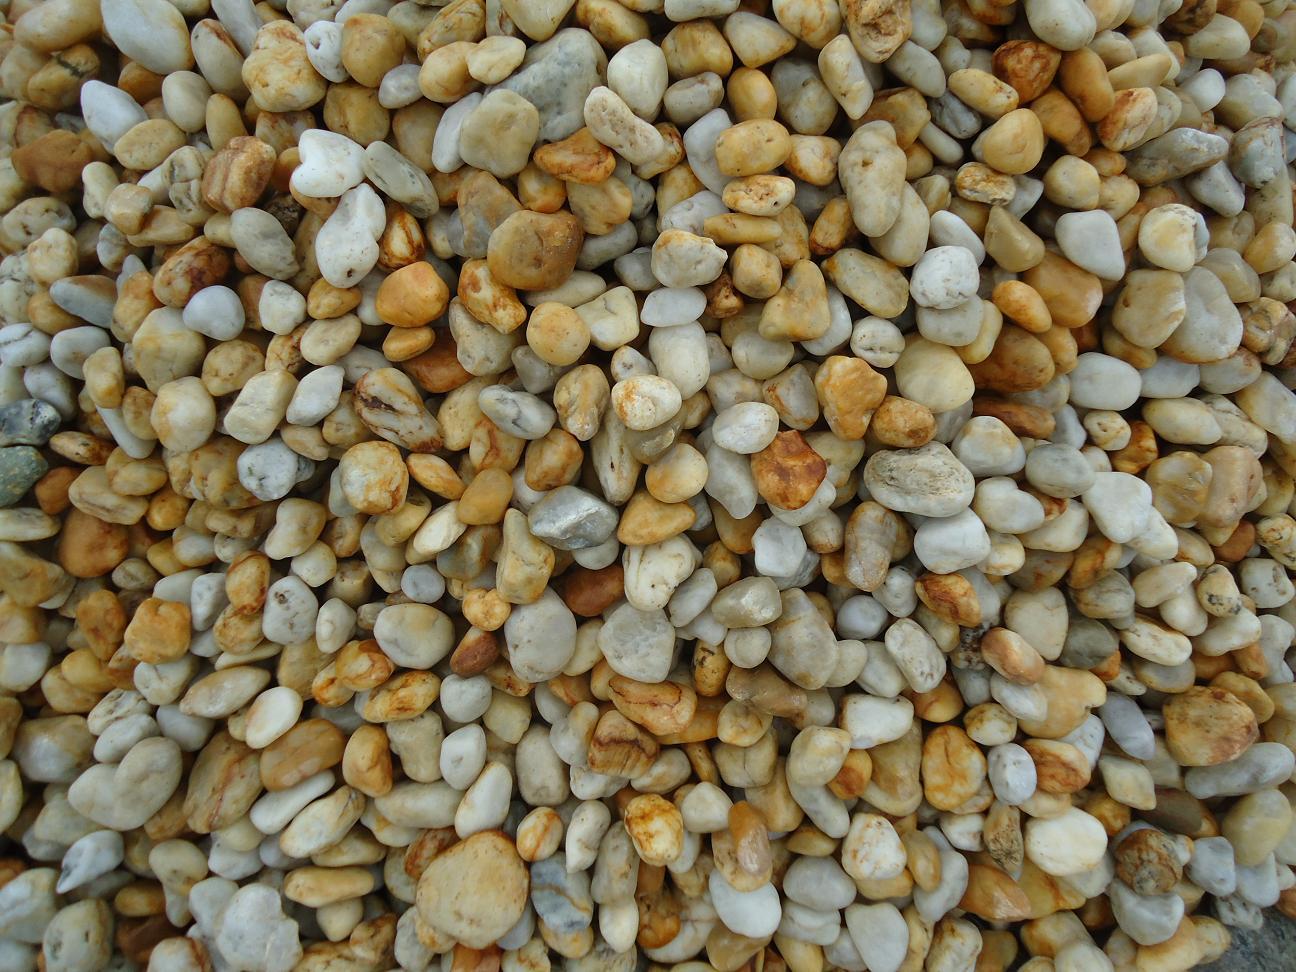 venda de seixos para jardim:Pedras decorativas Ordenar: Recentes Primeiro Alfabética